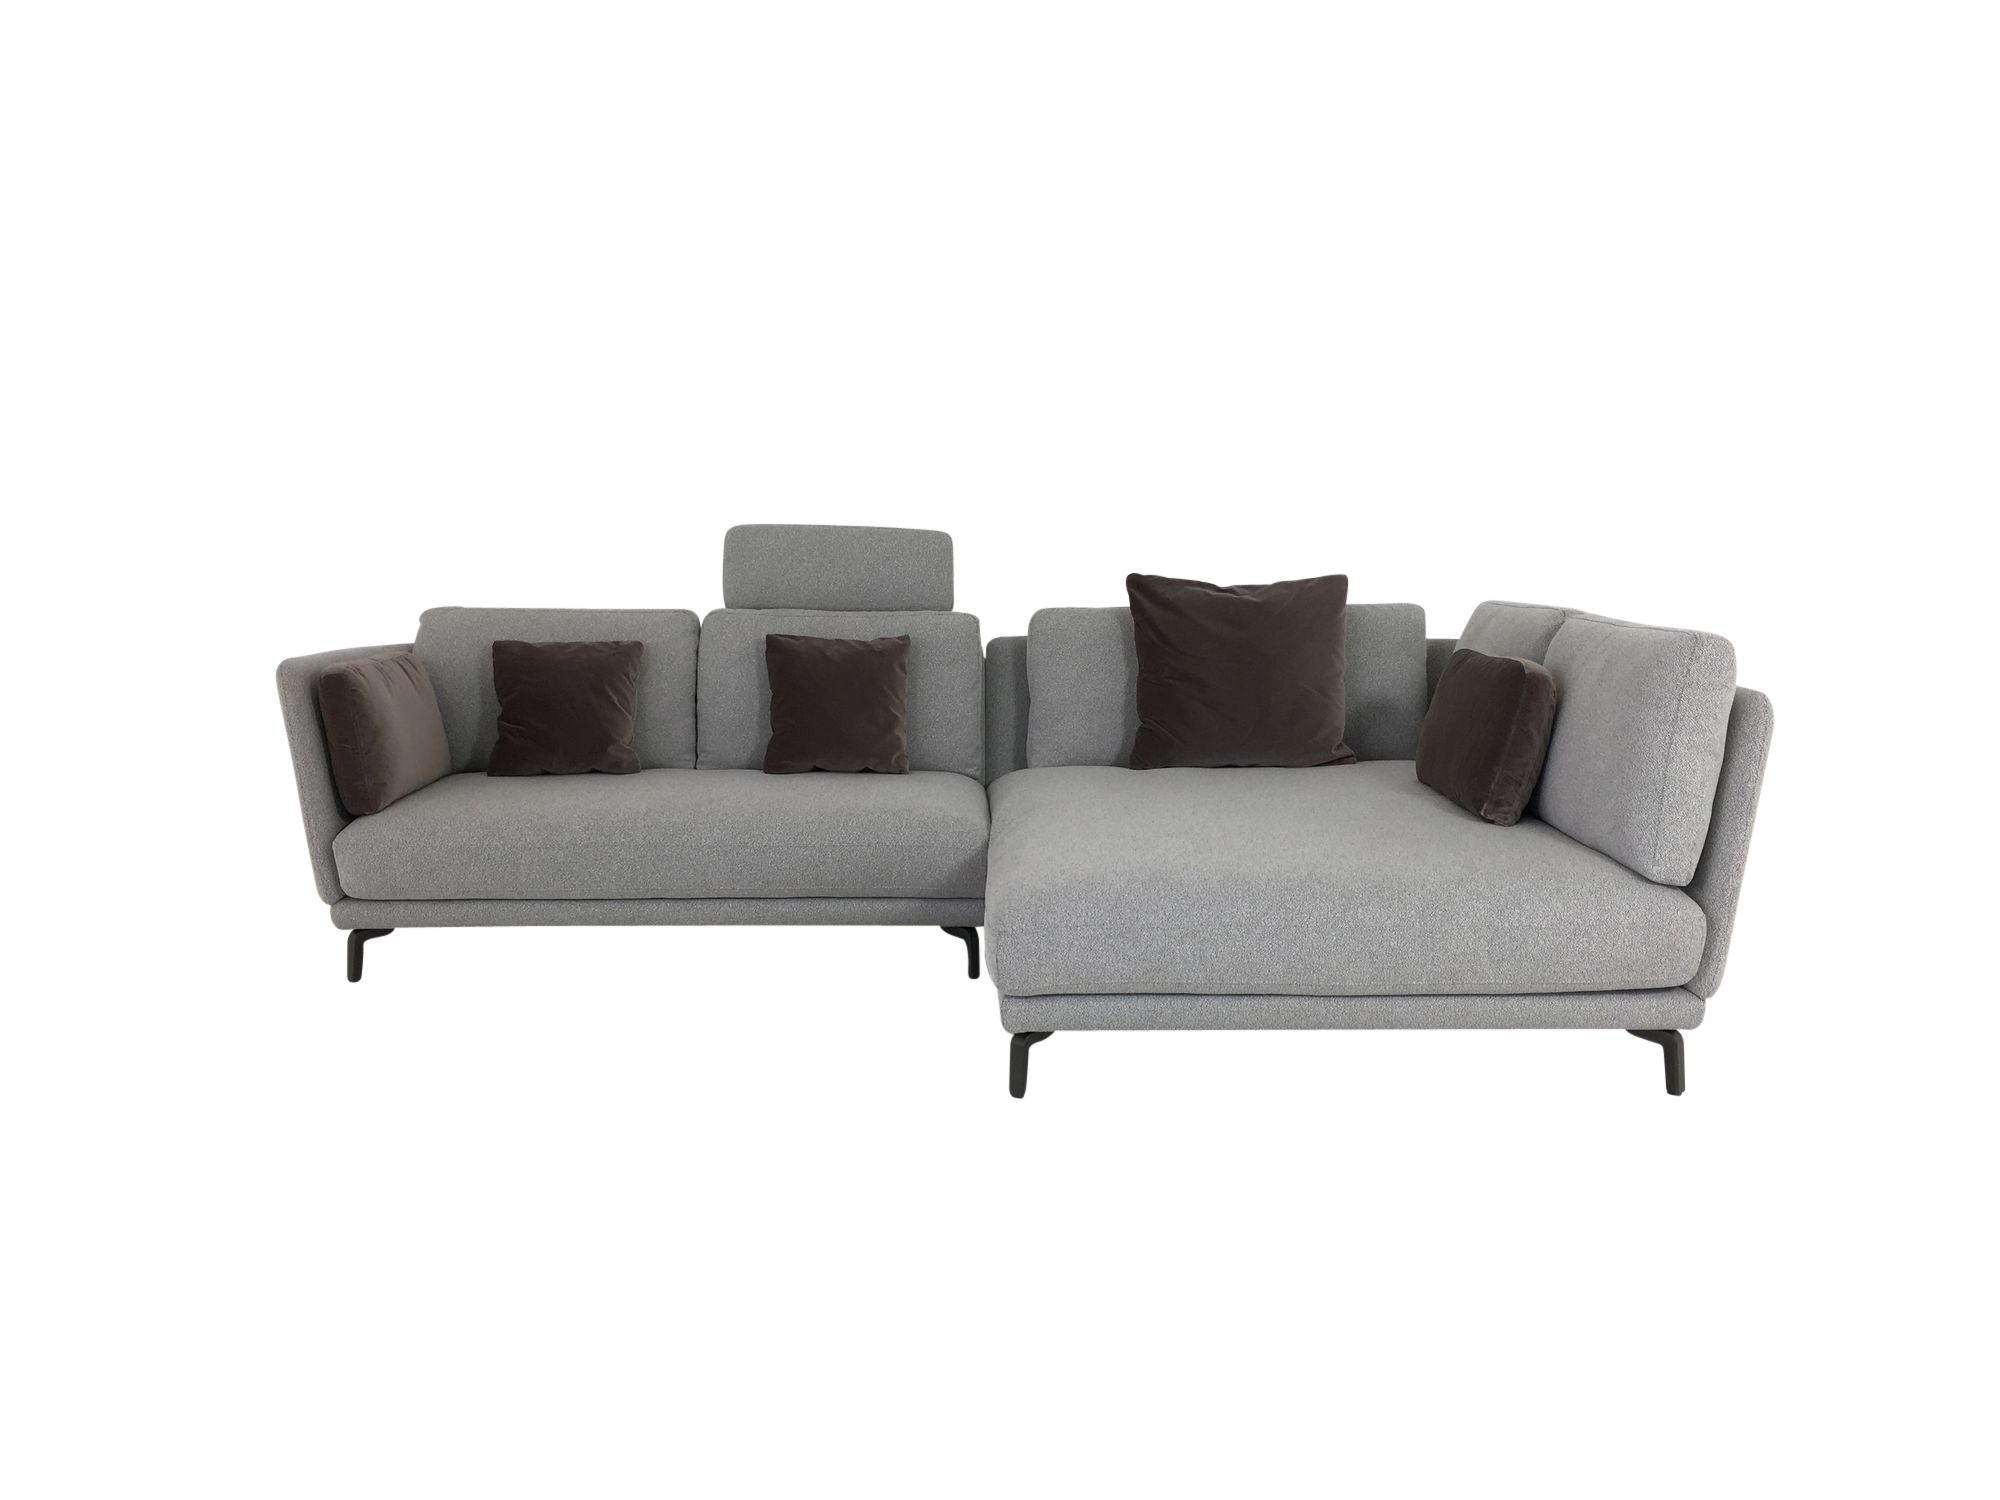 rolf benz rondo sofa mit xl recamiere in stoff grau lounge deluxe polsterung und kissen rolf